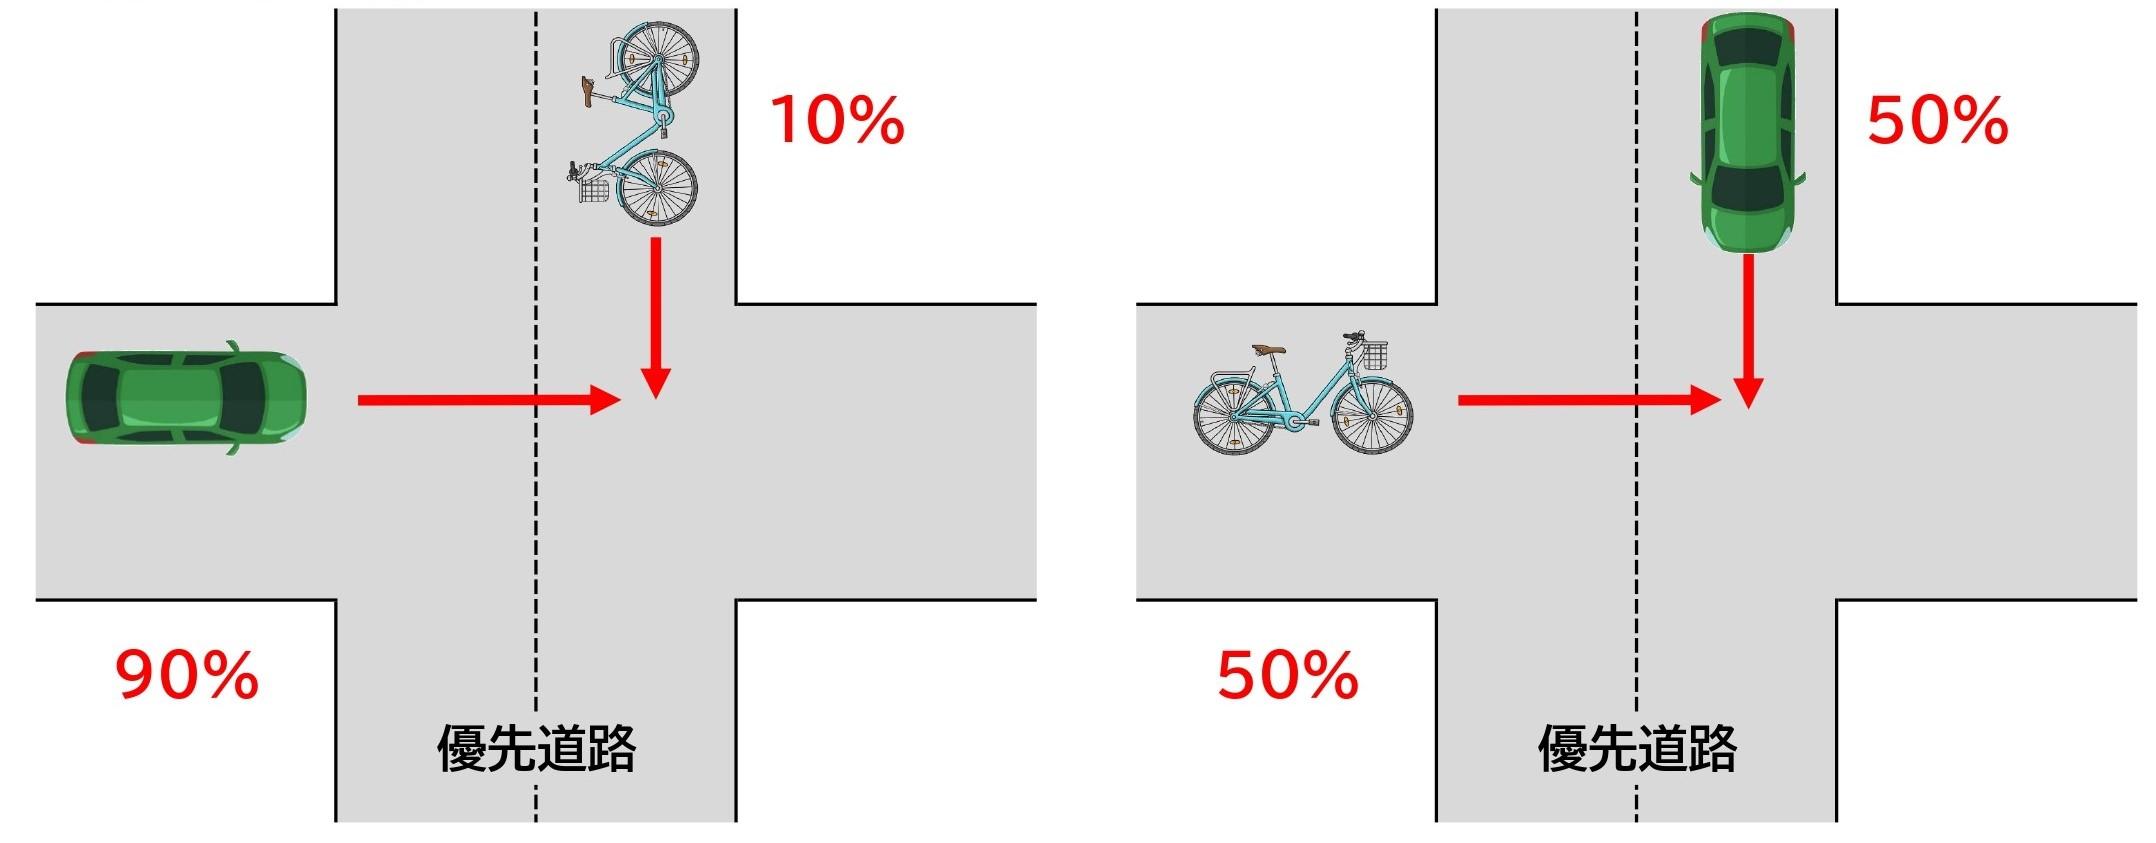 【図】自転車と車/交差点/直進同士/信号なし/一方が優先道路